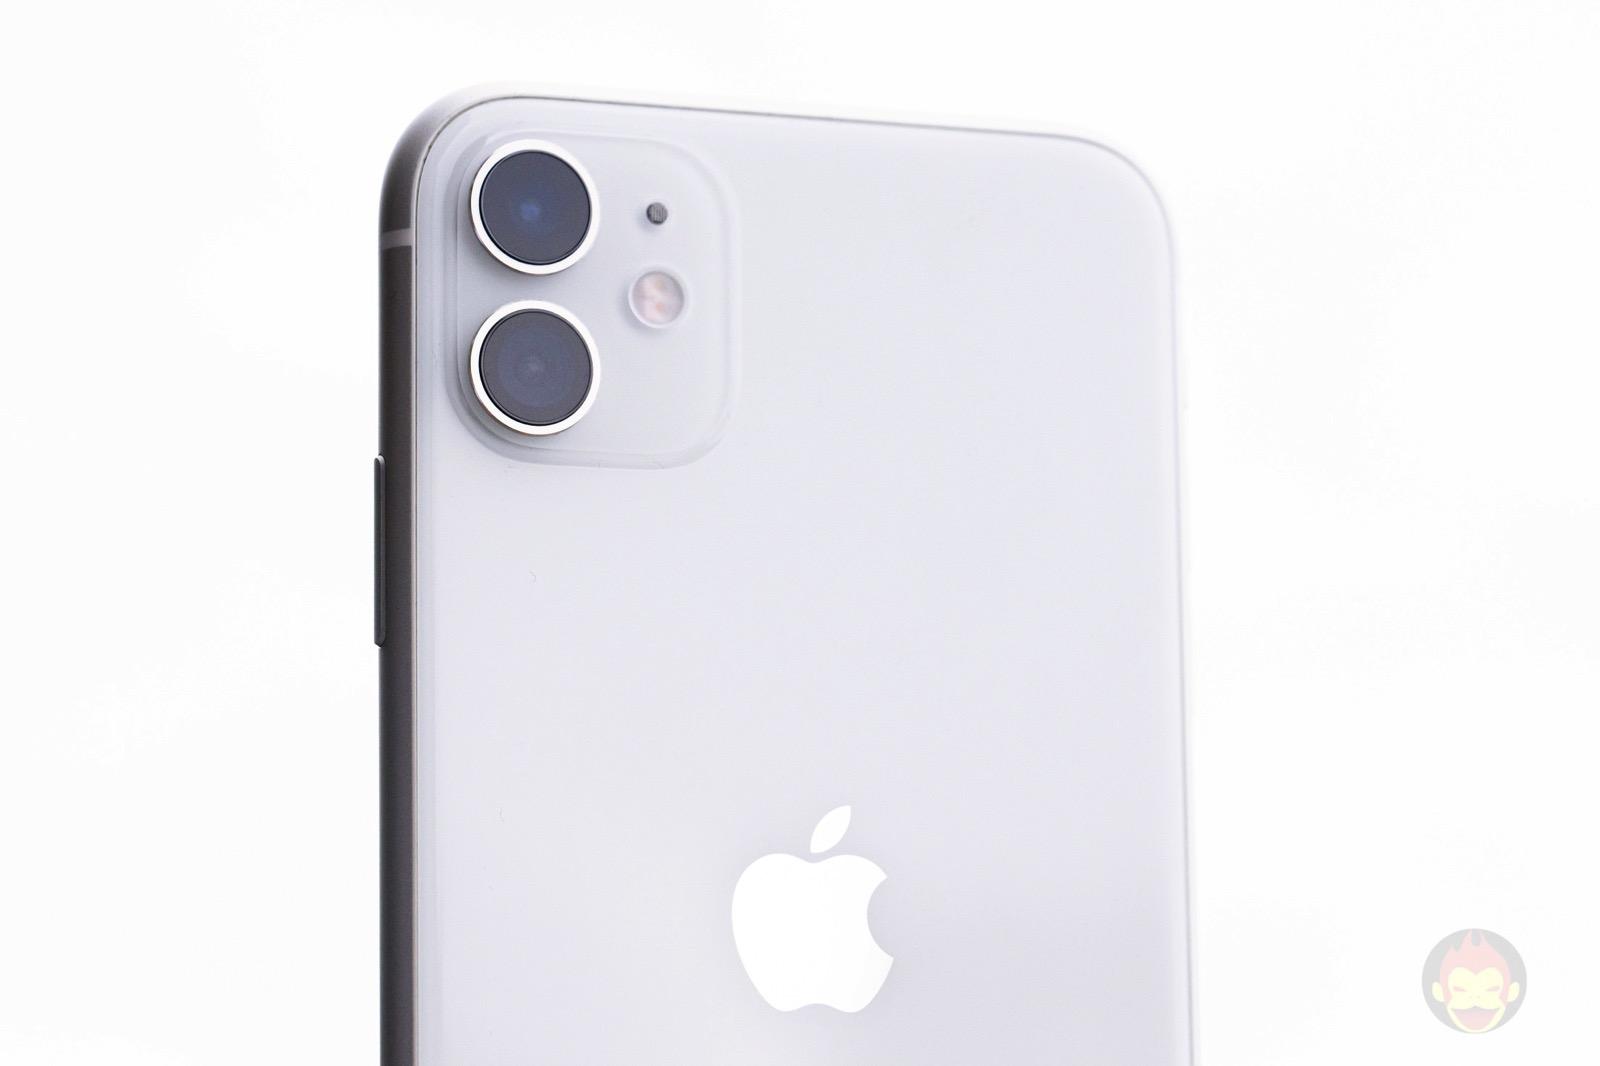 Iphone 11 dual cameras 01